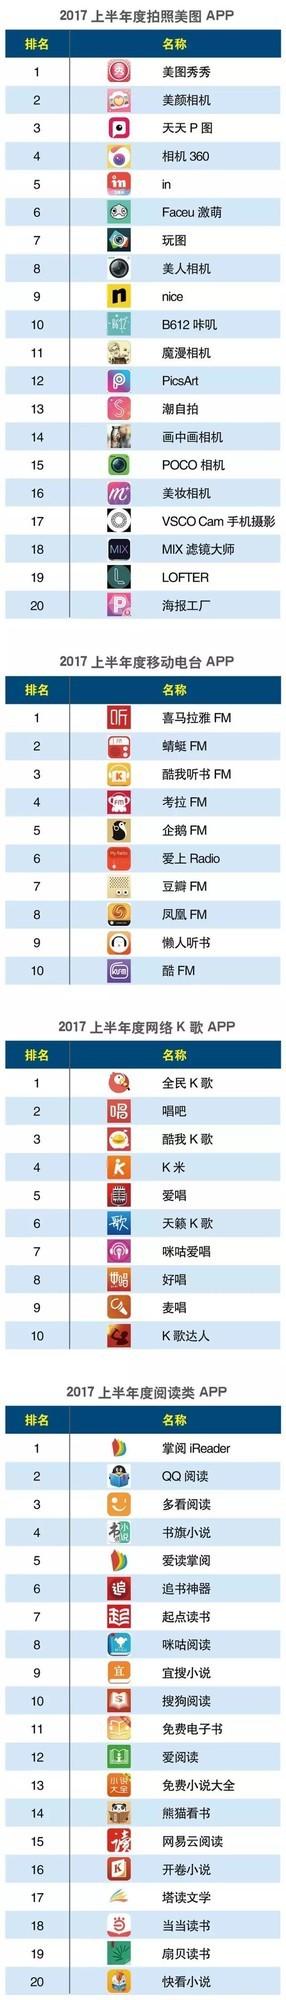 2017上半年度移动APP分类排行榜出炉!